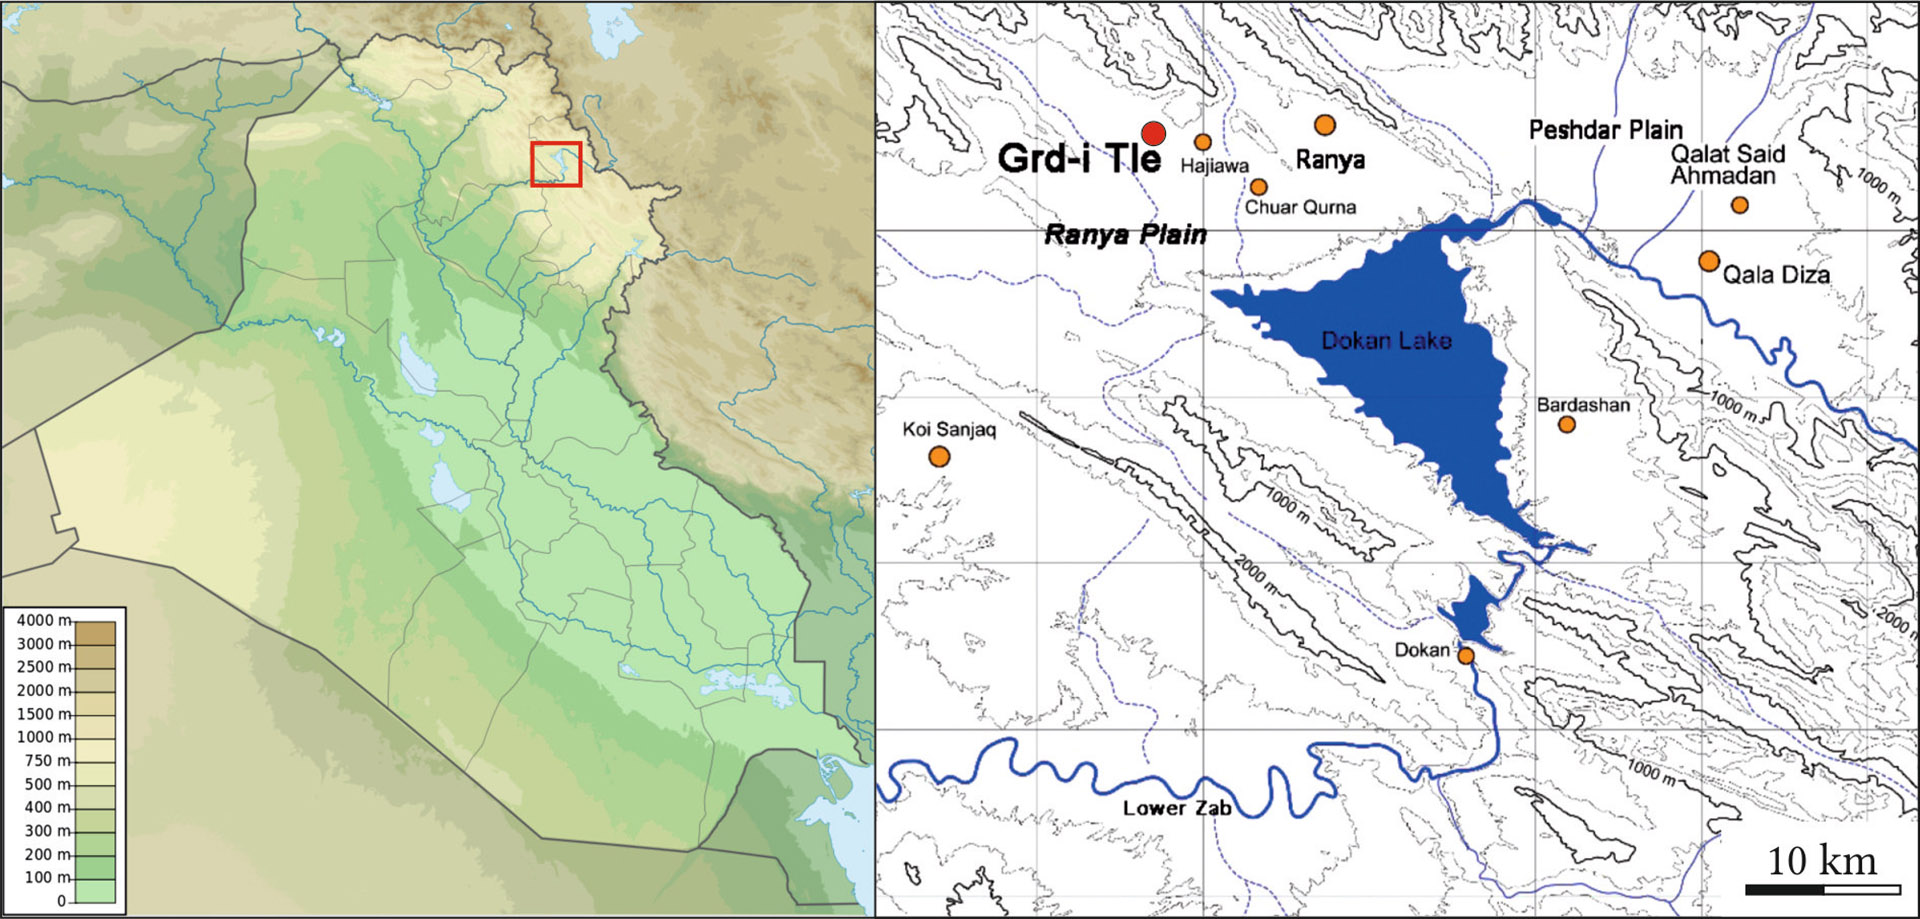 A lelőhely és környezete Hasegawa – Yamada 2016 nyomán. Az ELTE régészeti ásatása, Iraki Kurdisztán, Grd-i Tle, 2016-os évad.